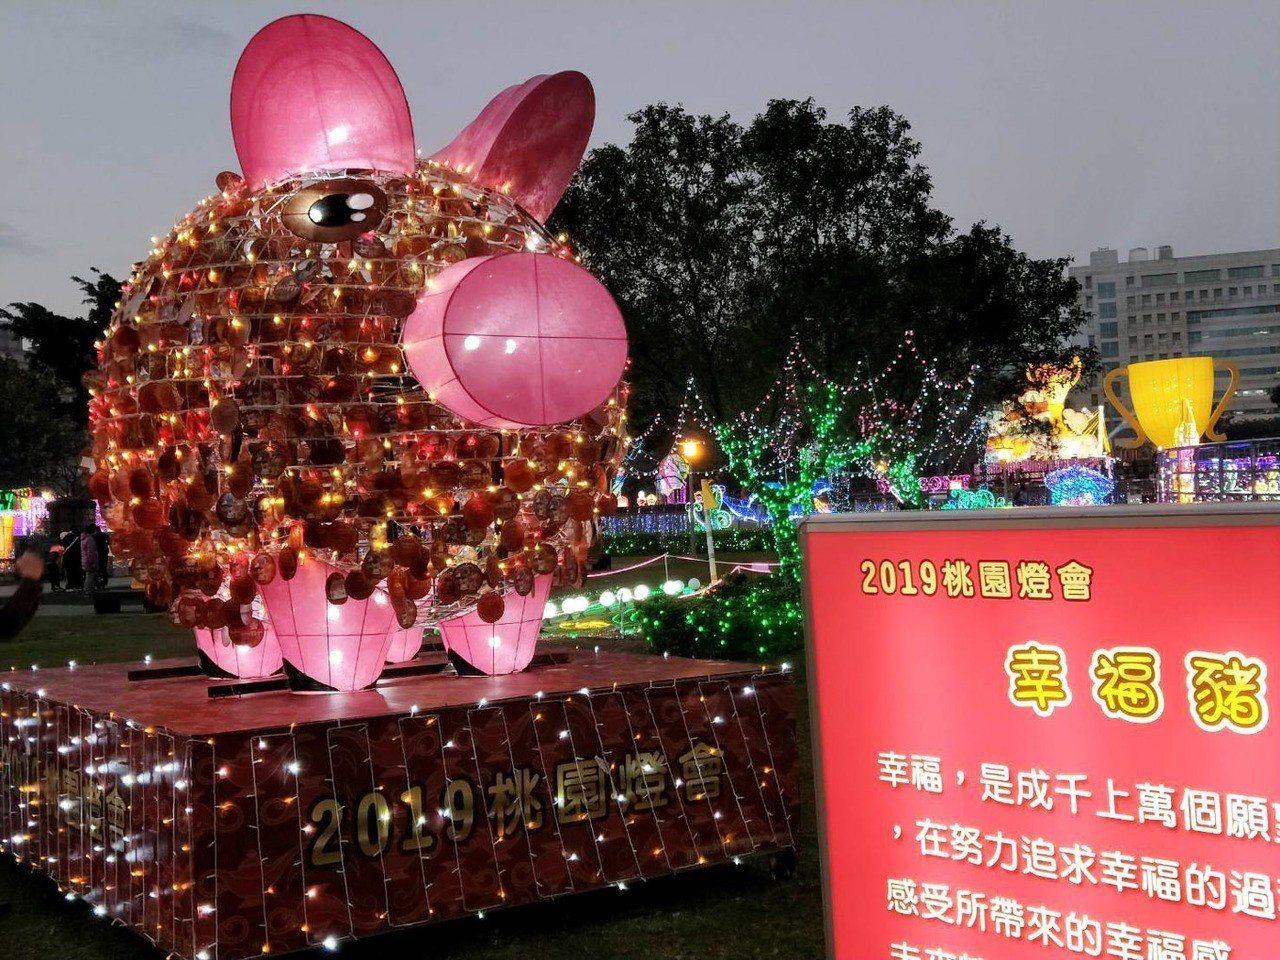 2019桃園燈會12日開幕,桃園三民燈區有多個生肖豬花燈夜間點燈(見圖)十分討喜...